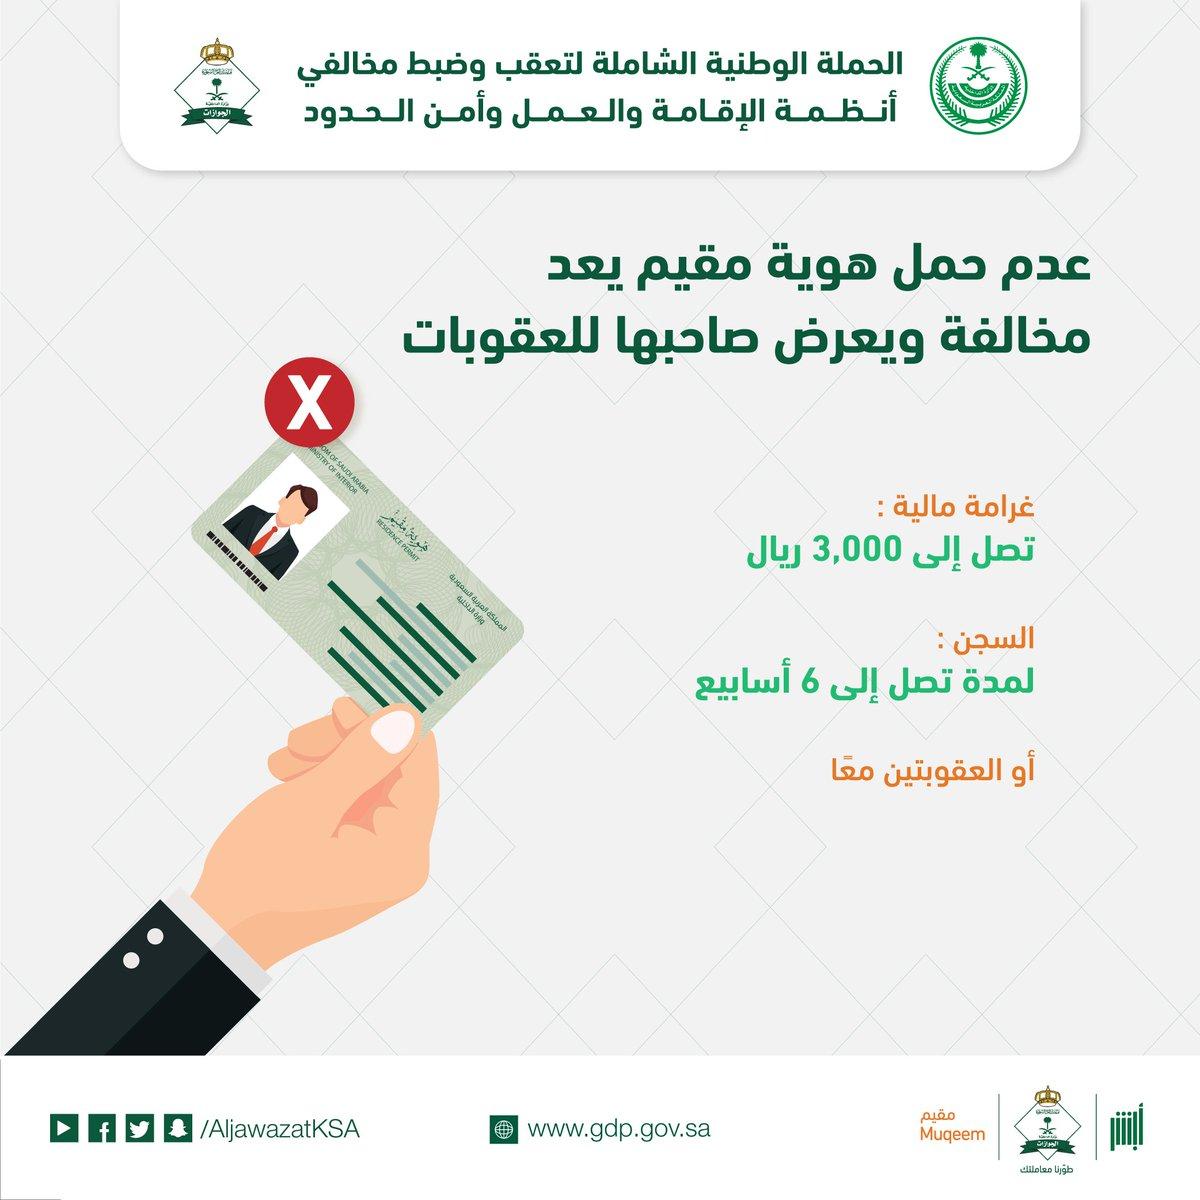 عقوبات عدم حمل هوية مقيم بالسعودية